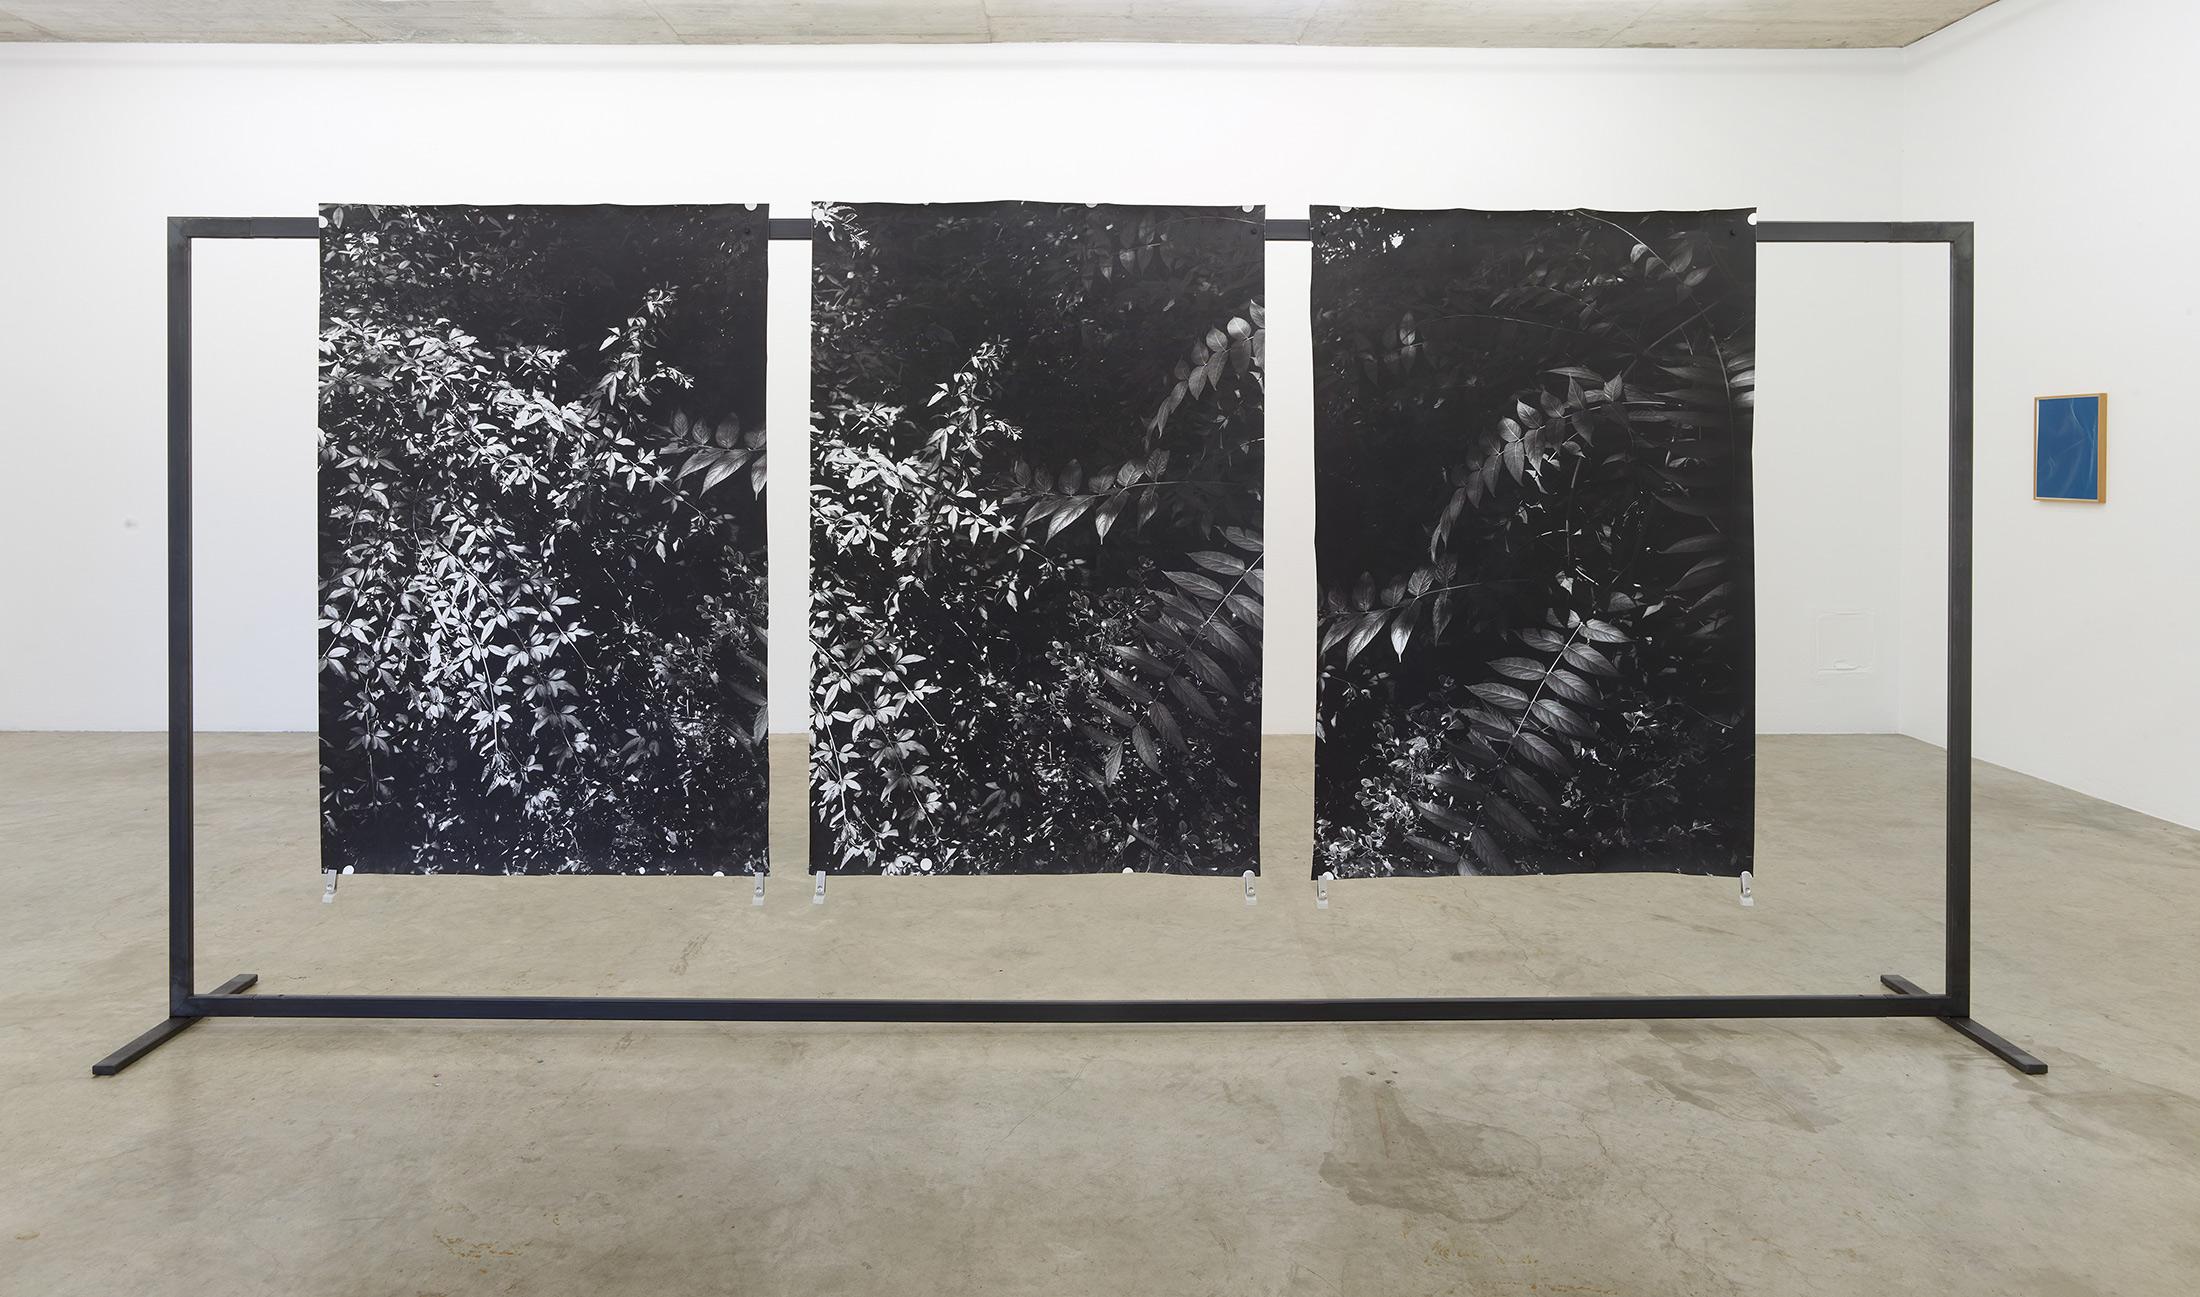 berit schneidereit, artist, neuer aachener kunstverein, viewing room, munchies art club, exhibition